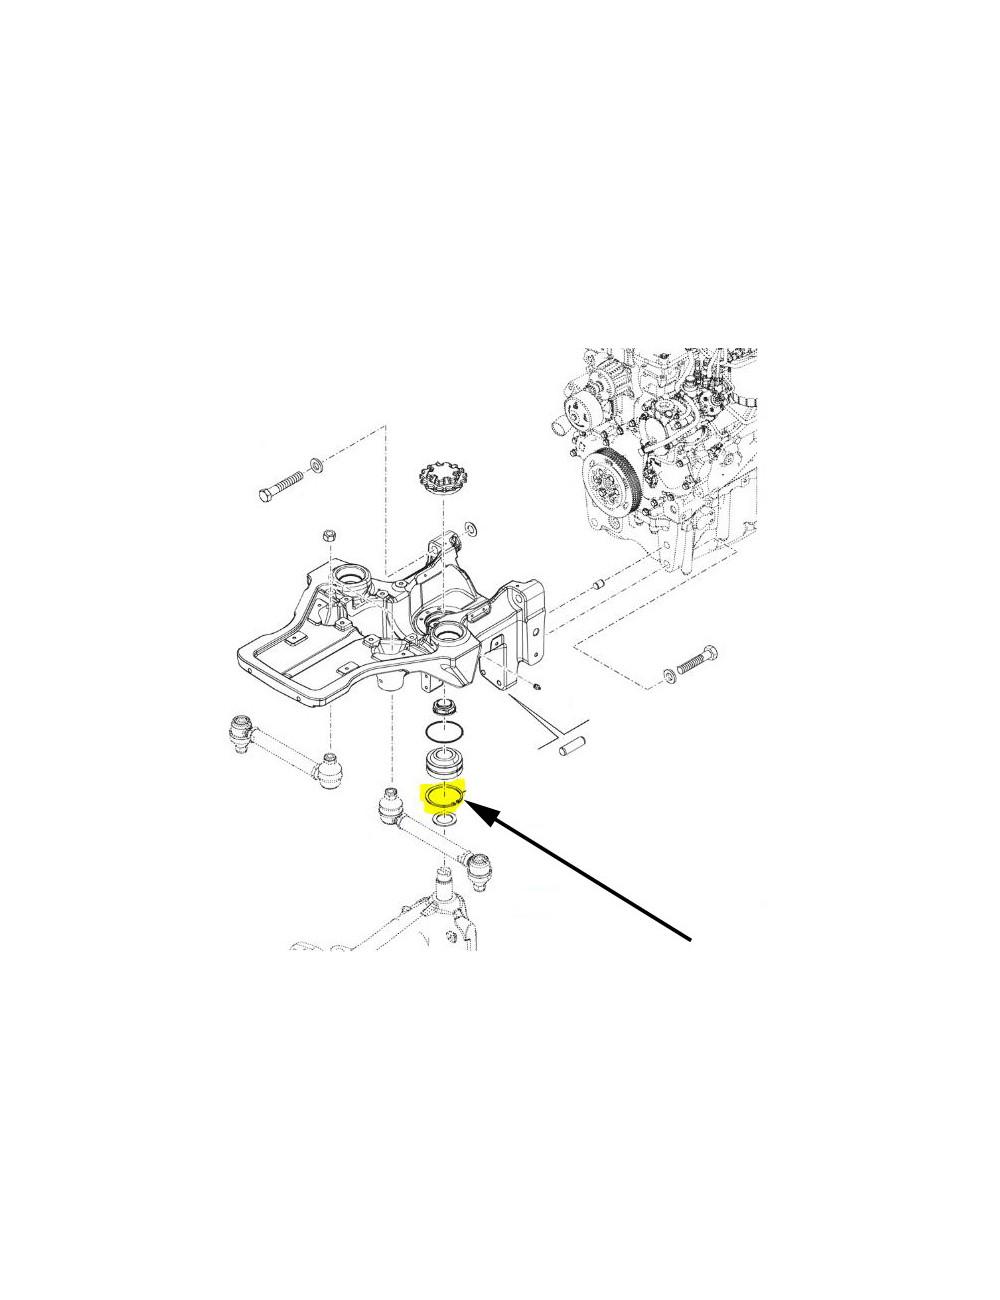 Anello di ritegno seeger New Holland - cod 16875173